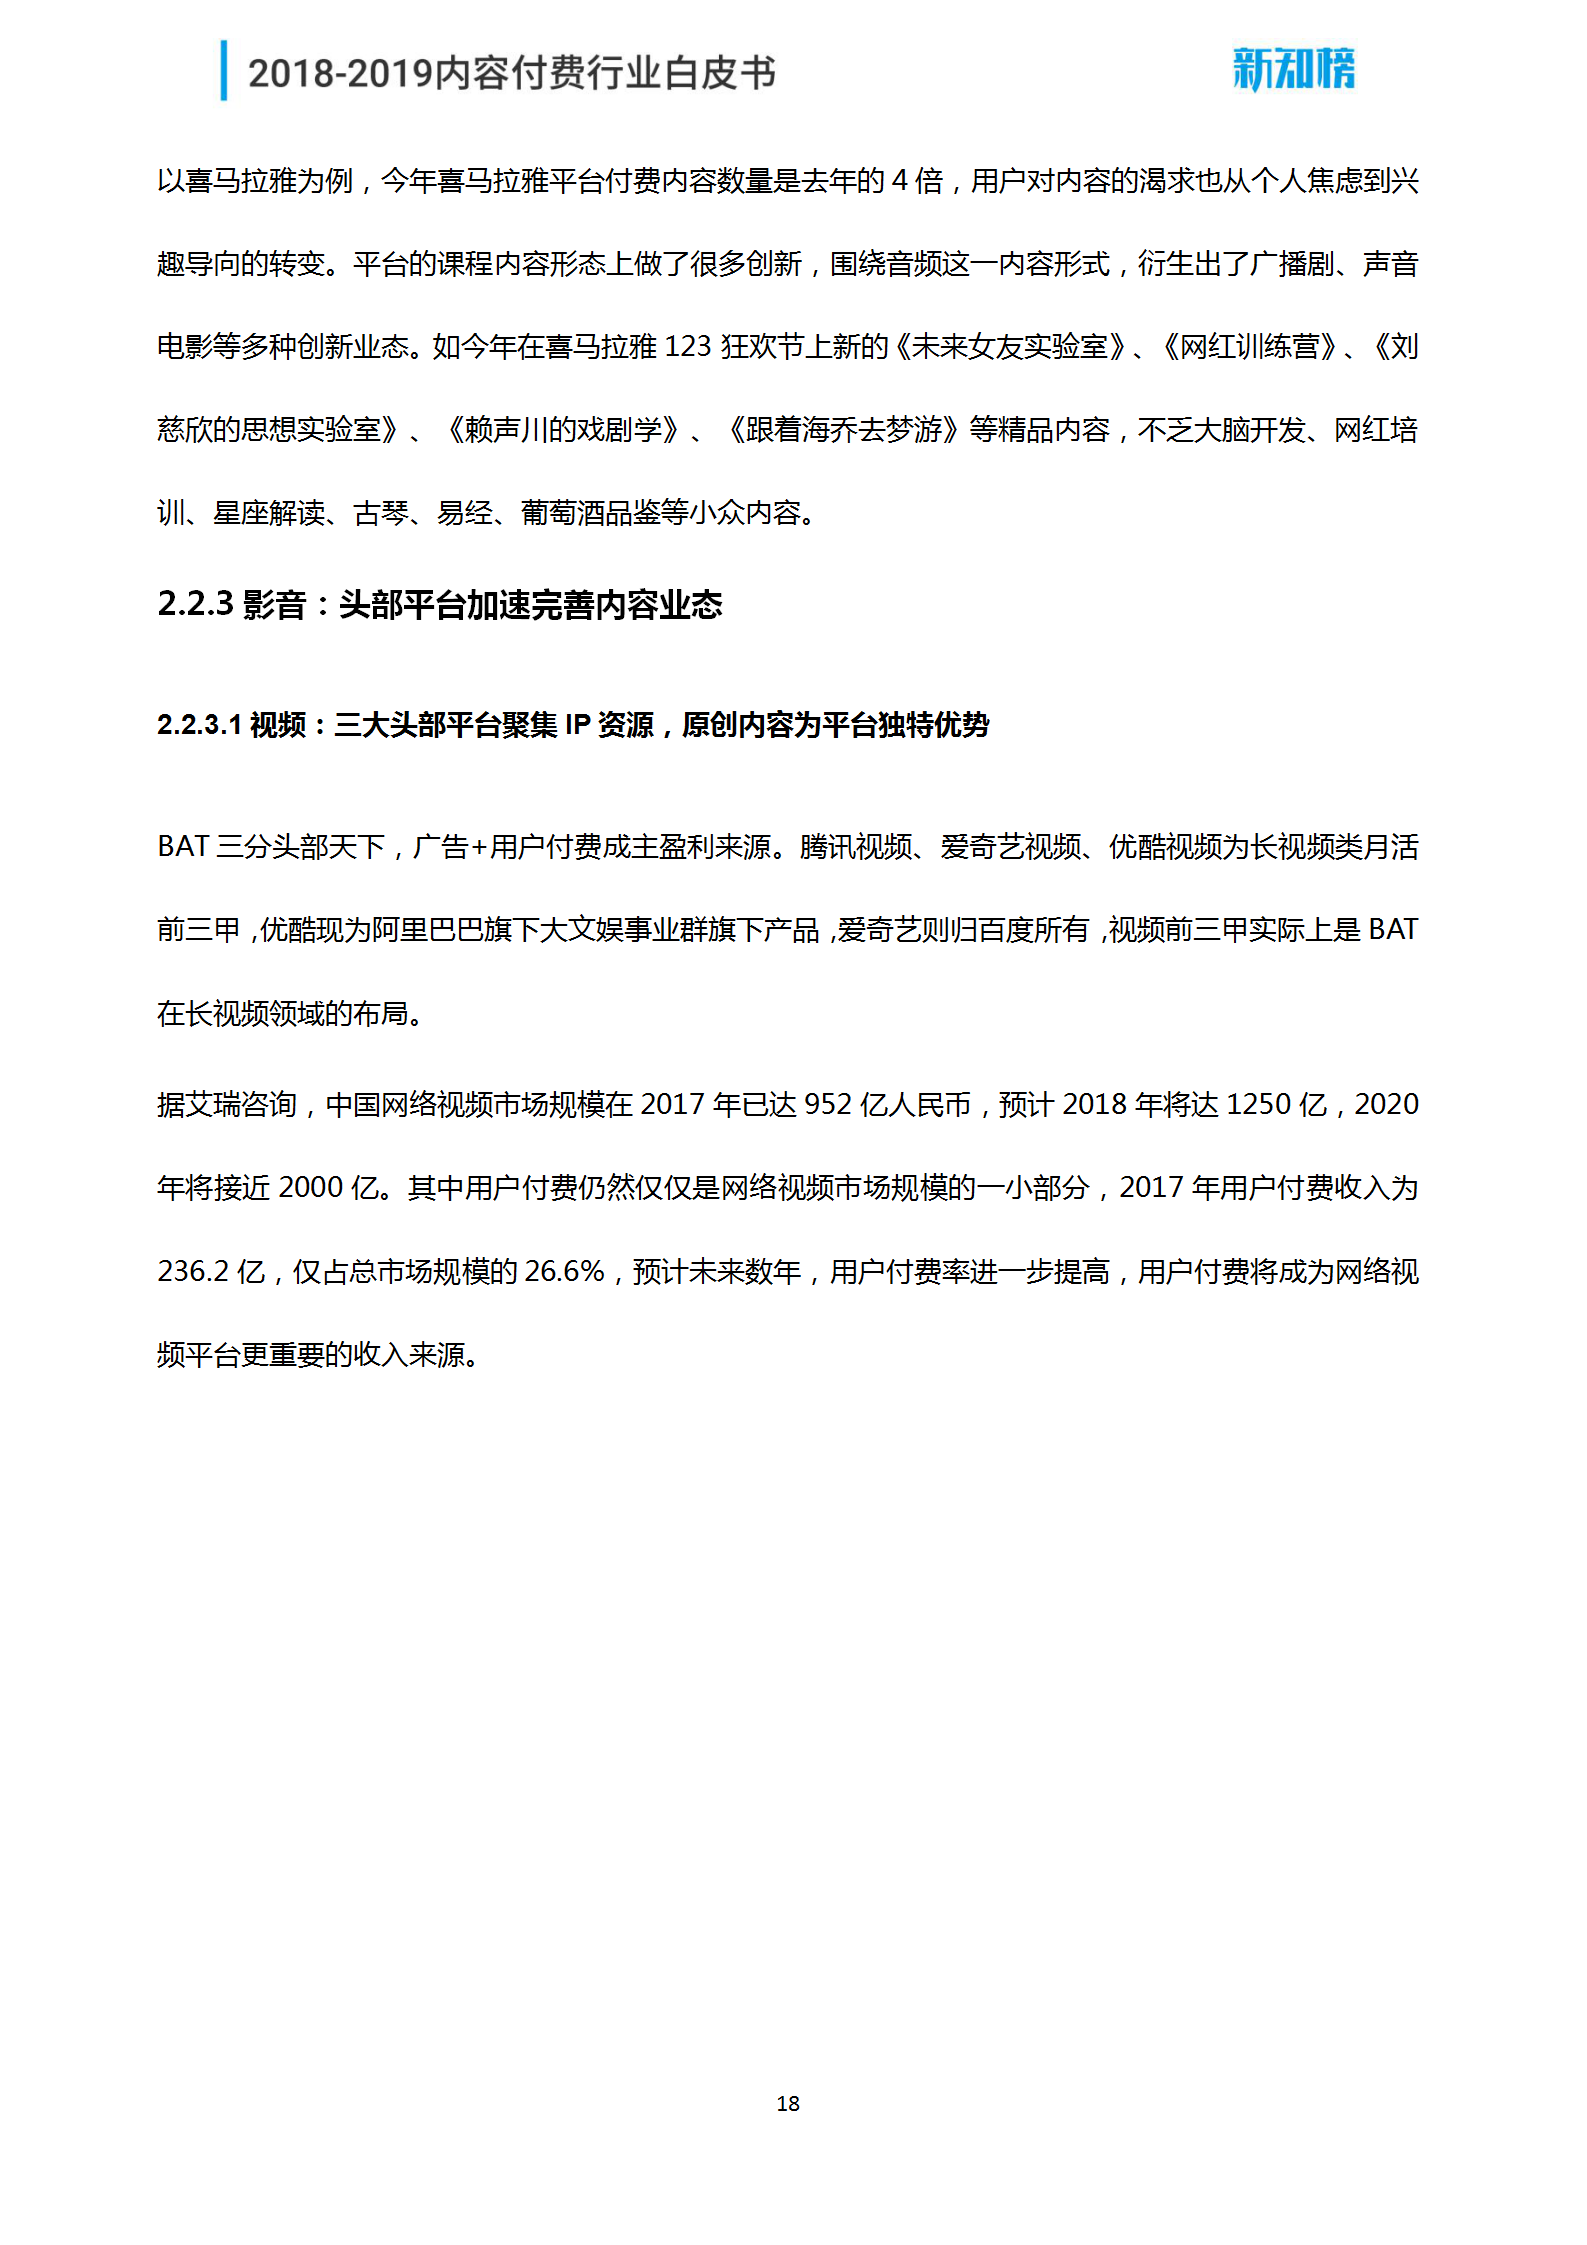 新知榜2018-2019内容付费行业白皮书_18.png